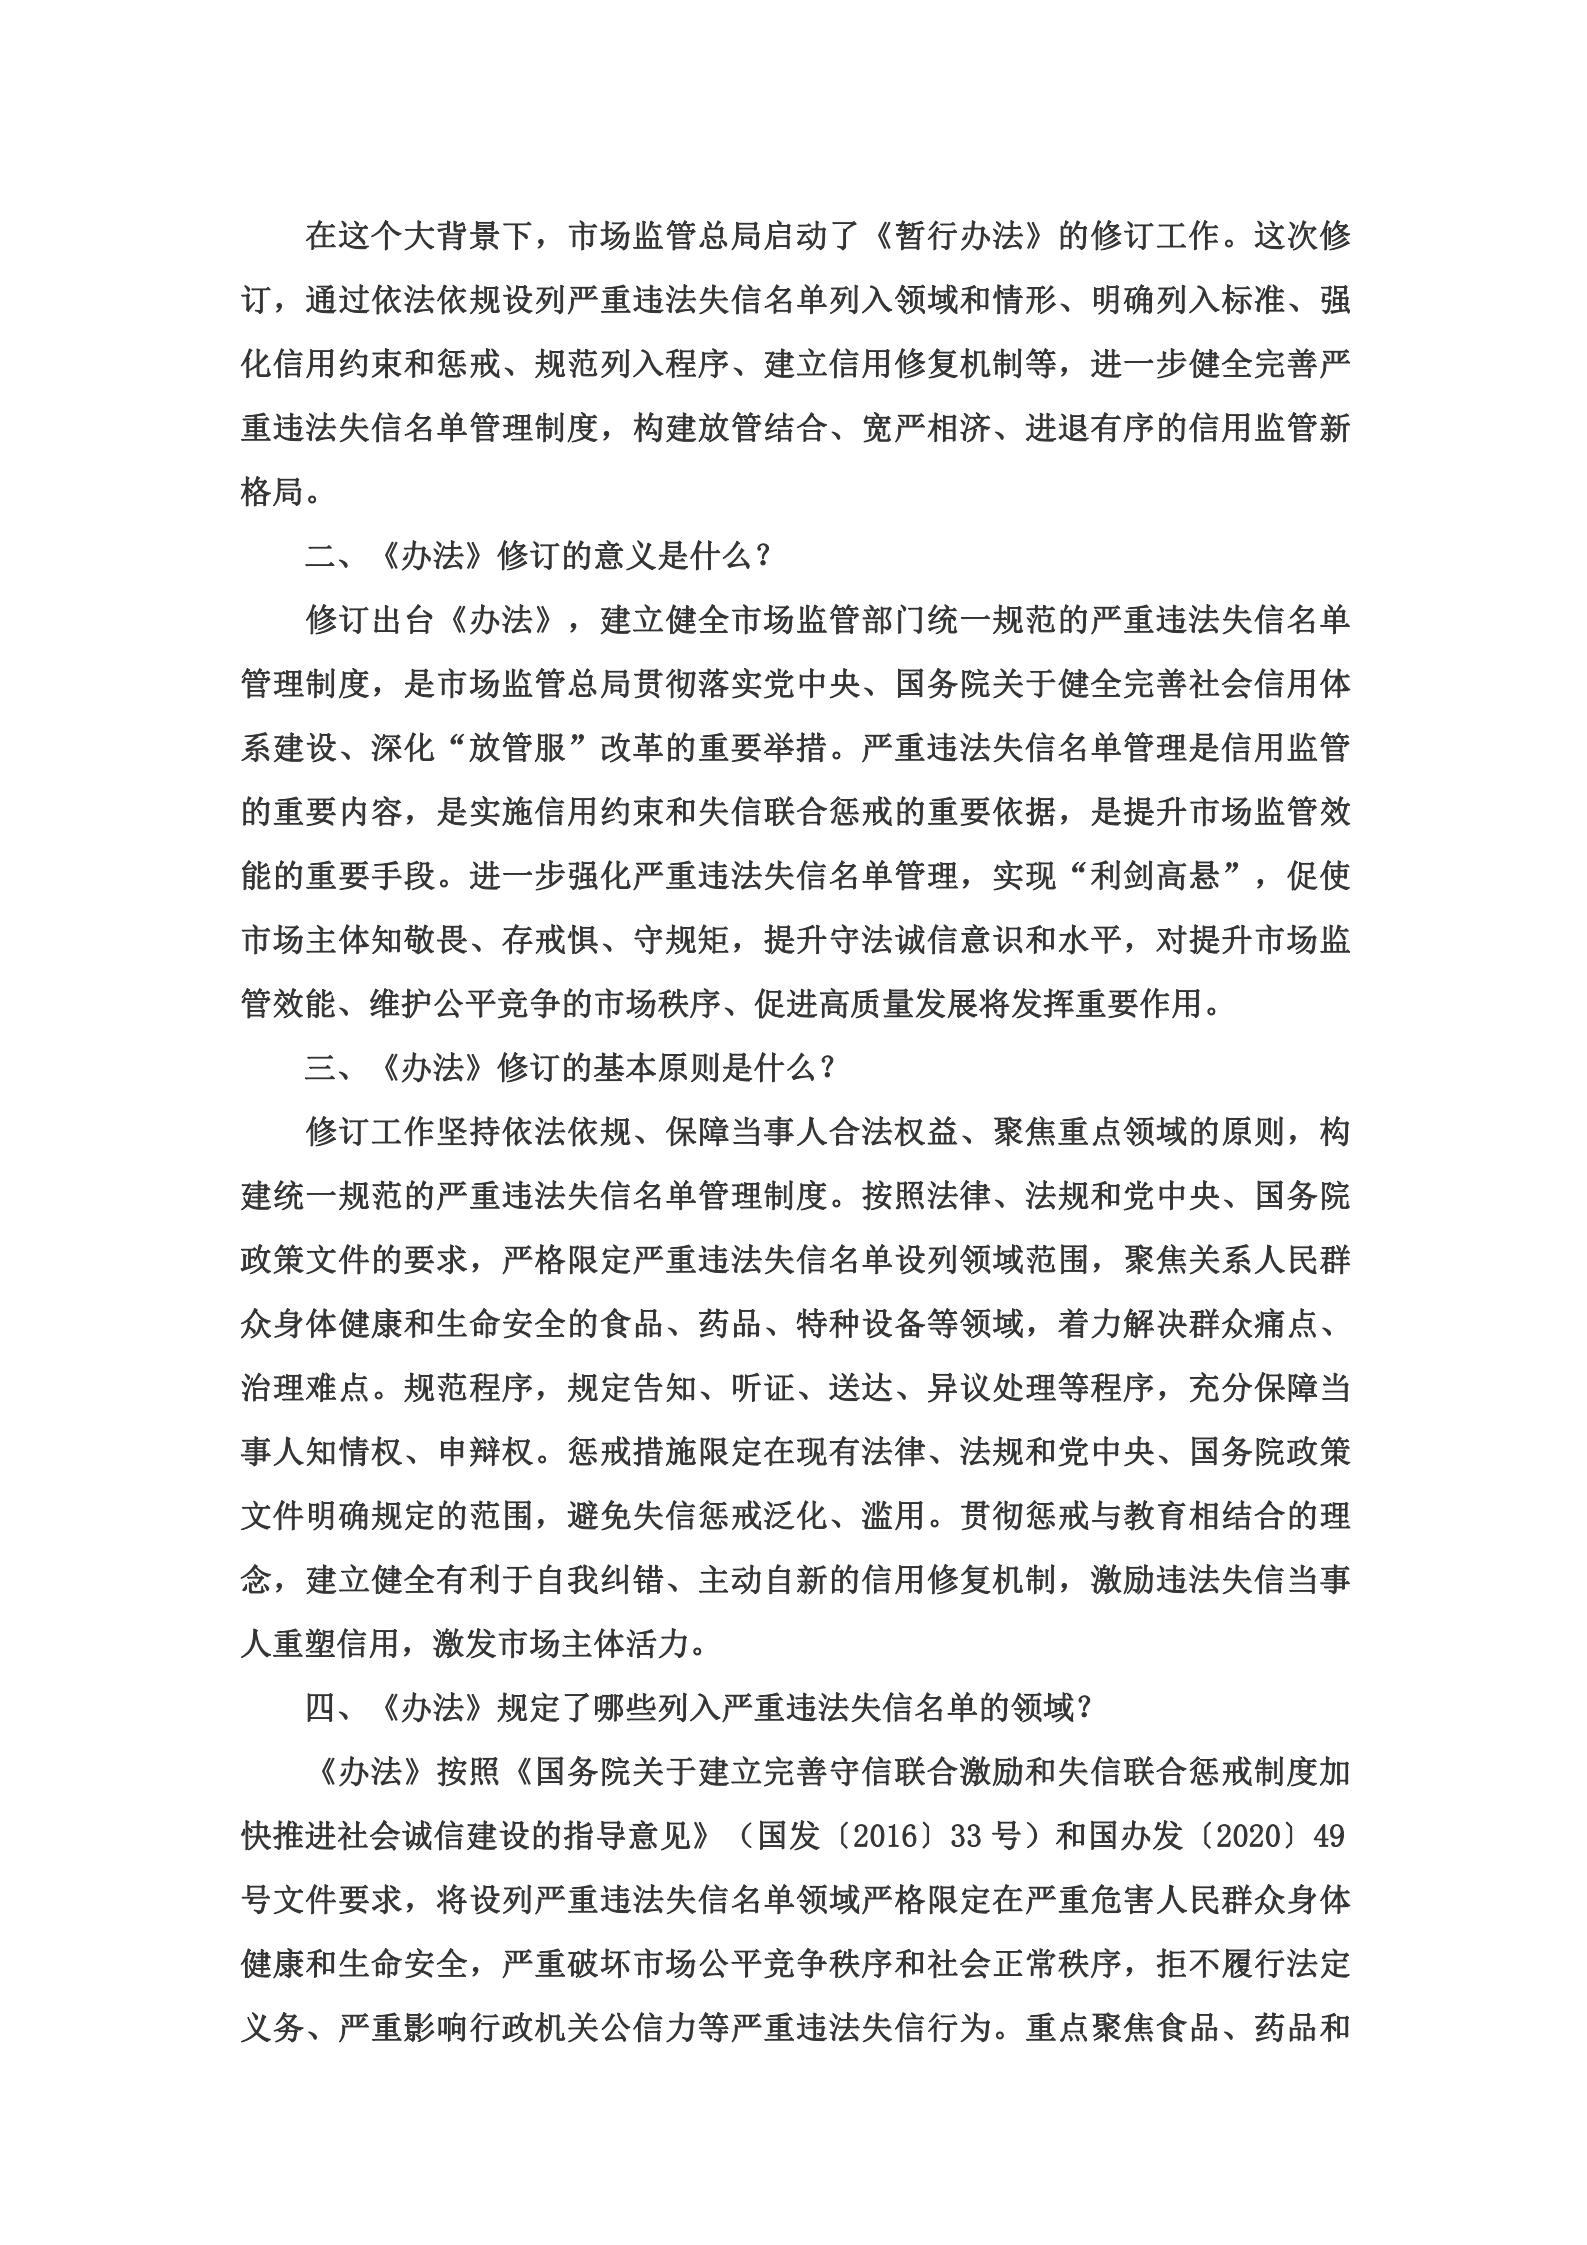 新建 DOC 文档_01.jpg